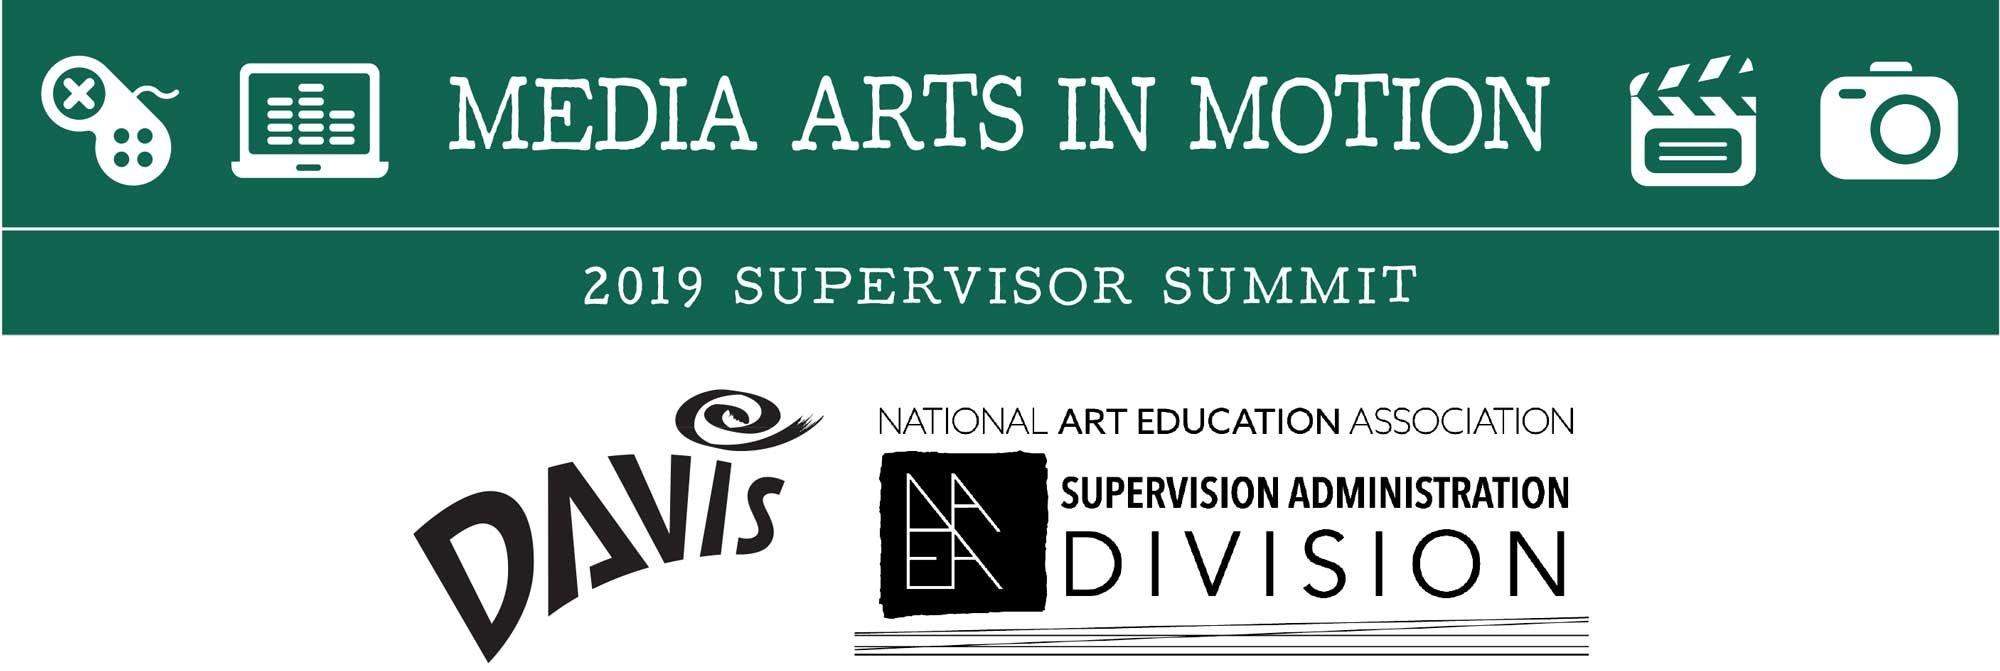 2019 Supervisor Summit